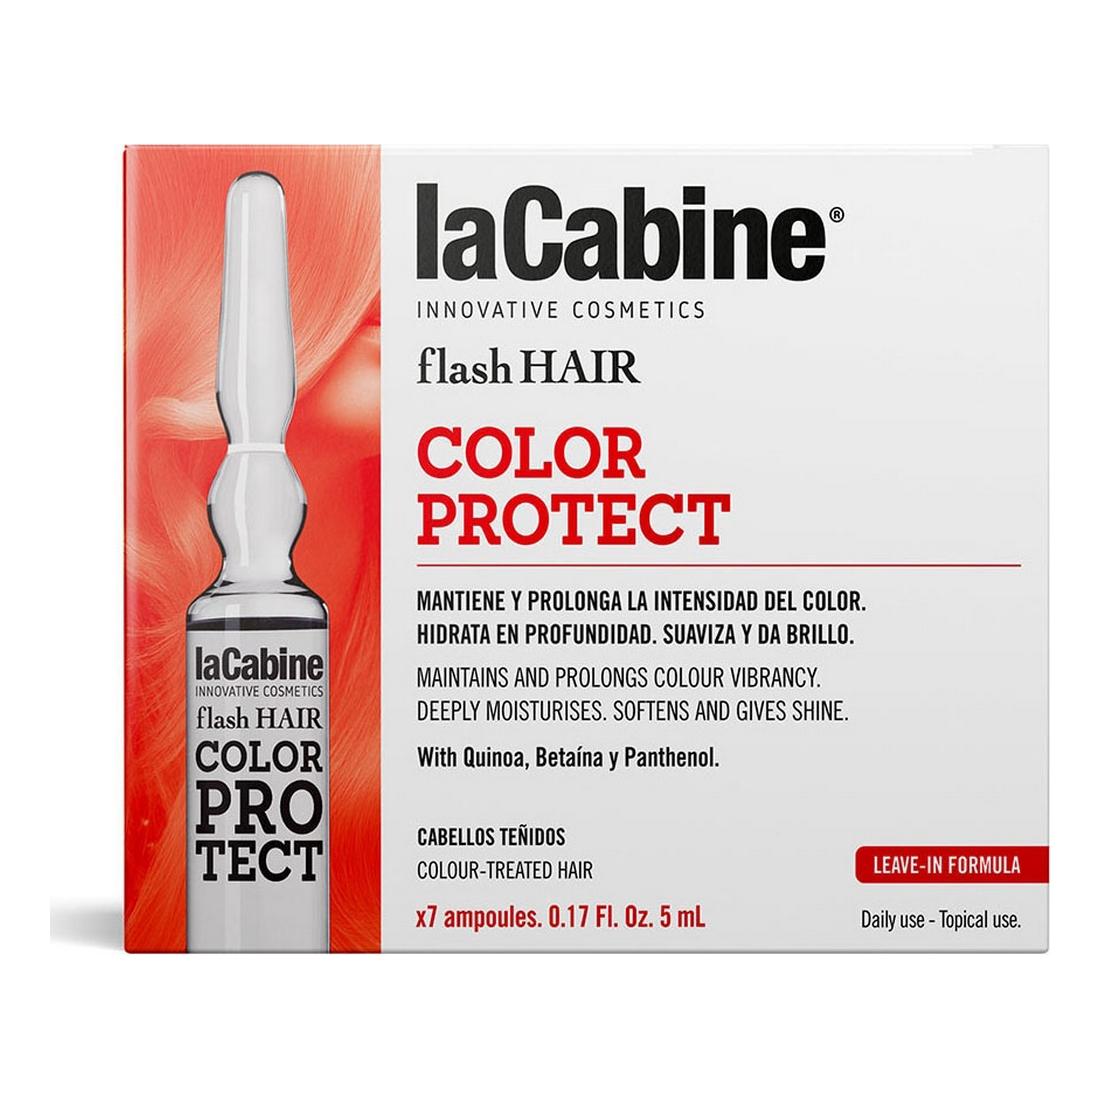 Ampoules laCabine Flash Hair Colour Protector (7 pcs)